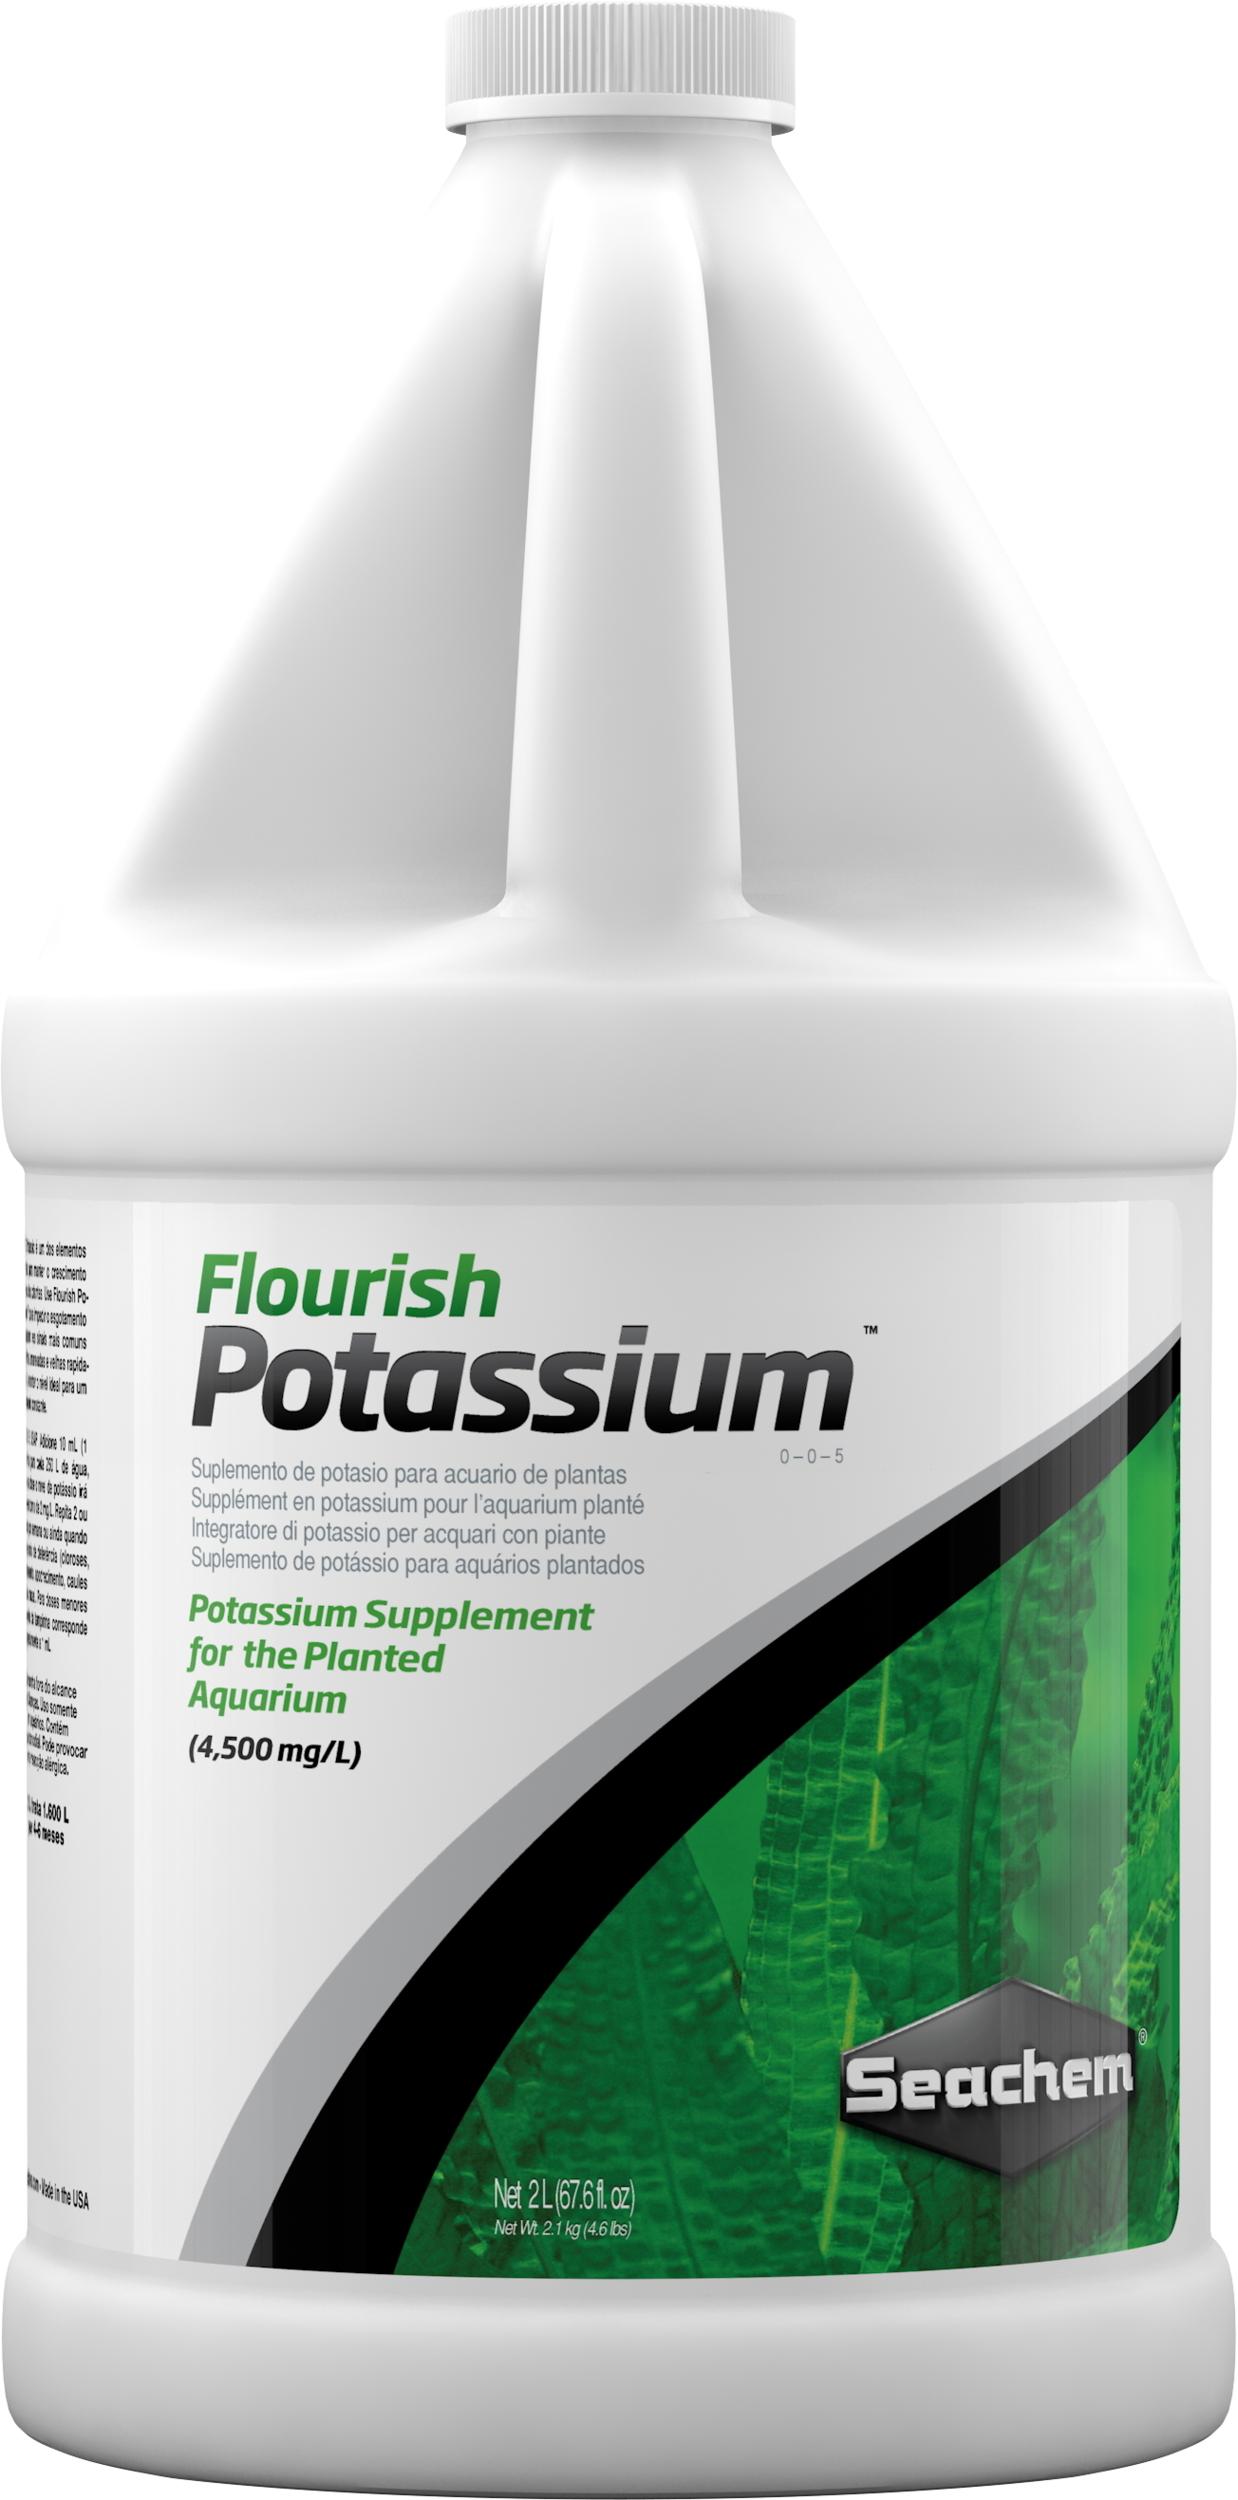 FlourishPotassium-2L